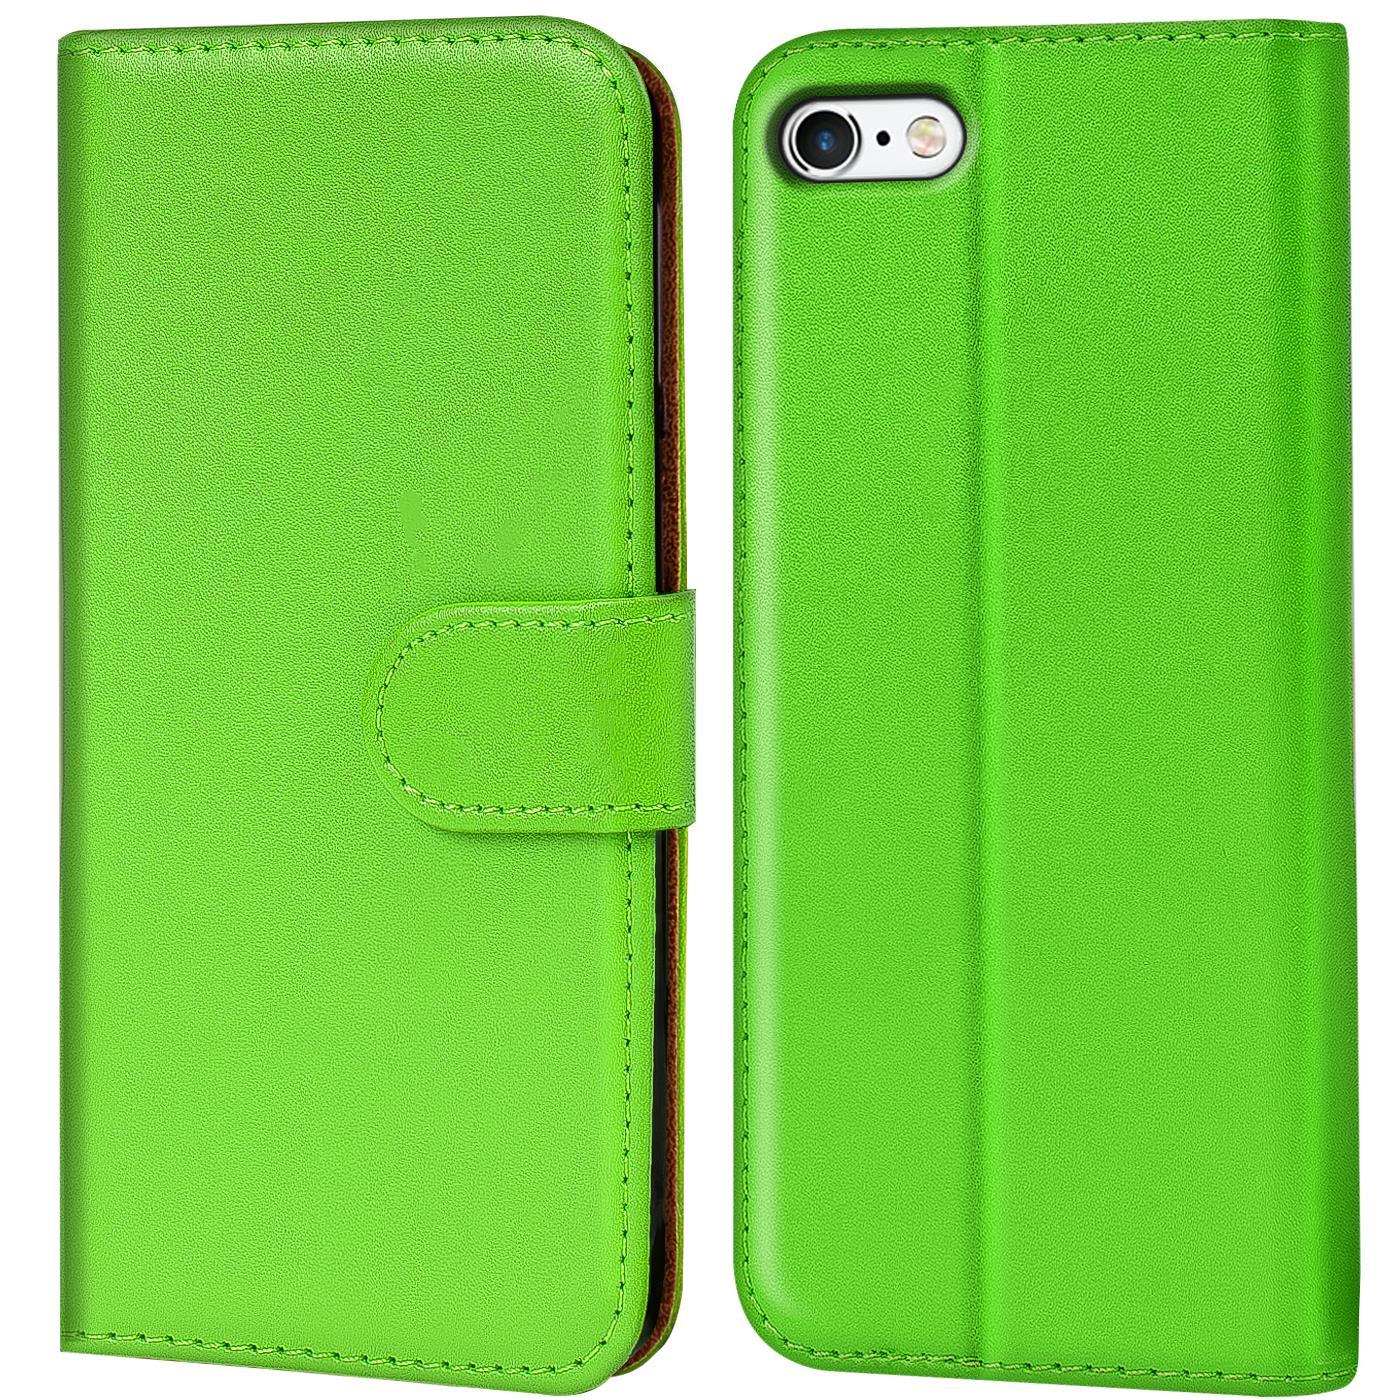 Handy-Huelle-fuer-Apple-iPhone-Case-Schutz-Tasche-Cover-Basic-Wallet-Flip-Etui